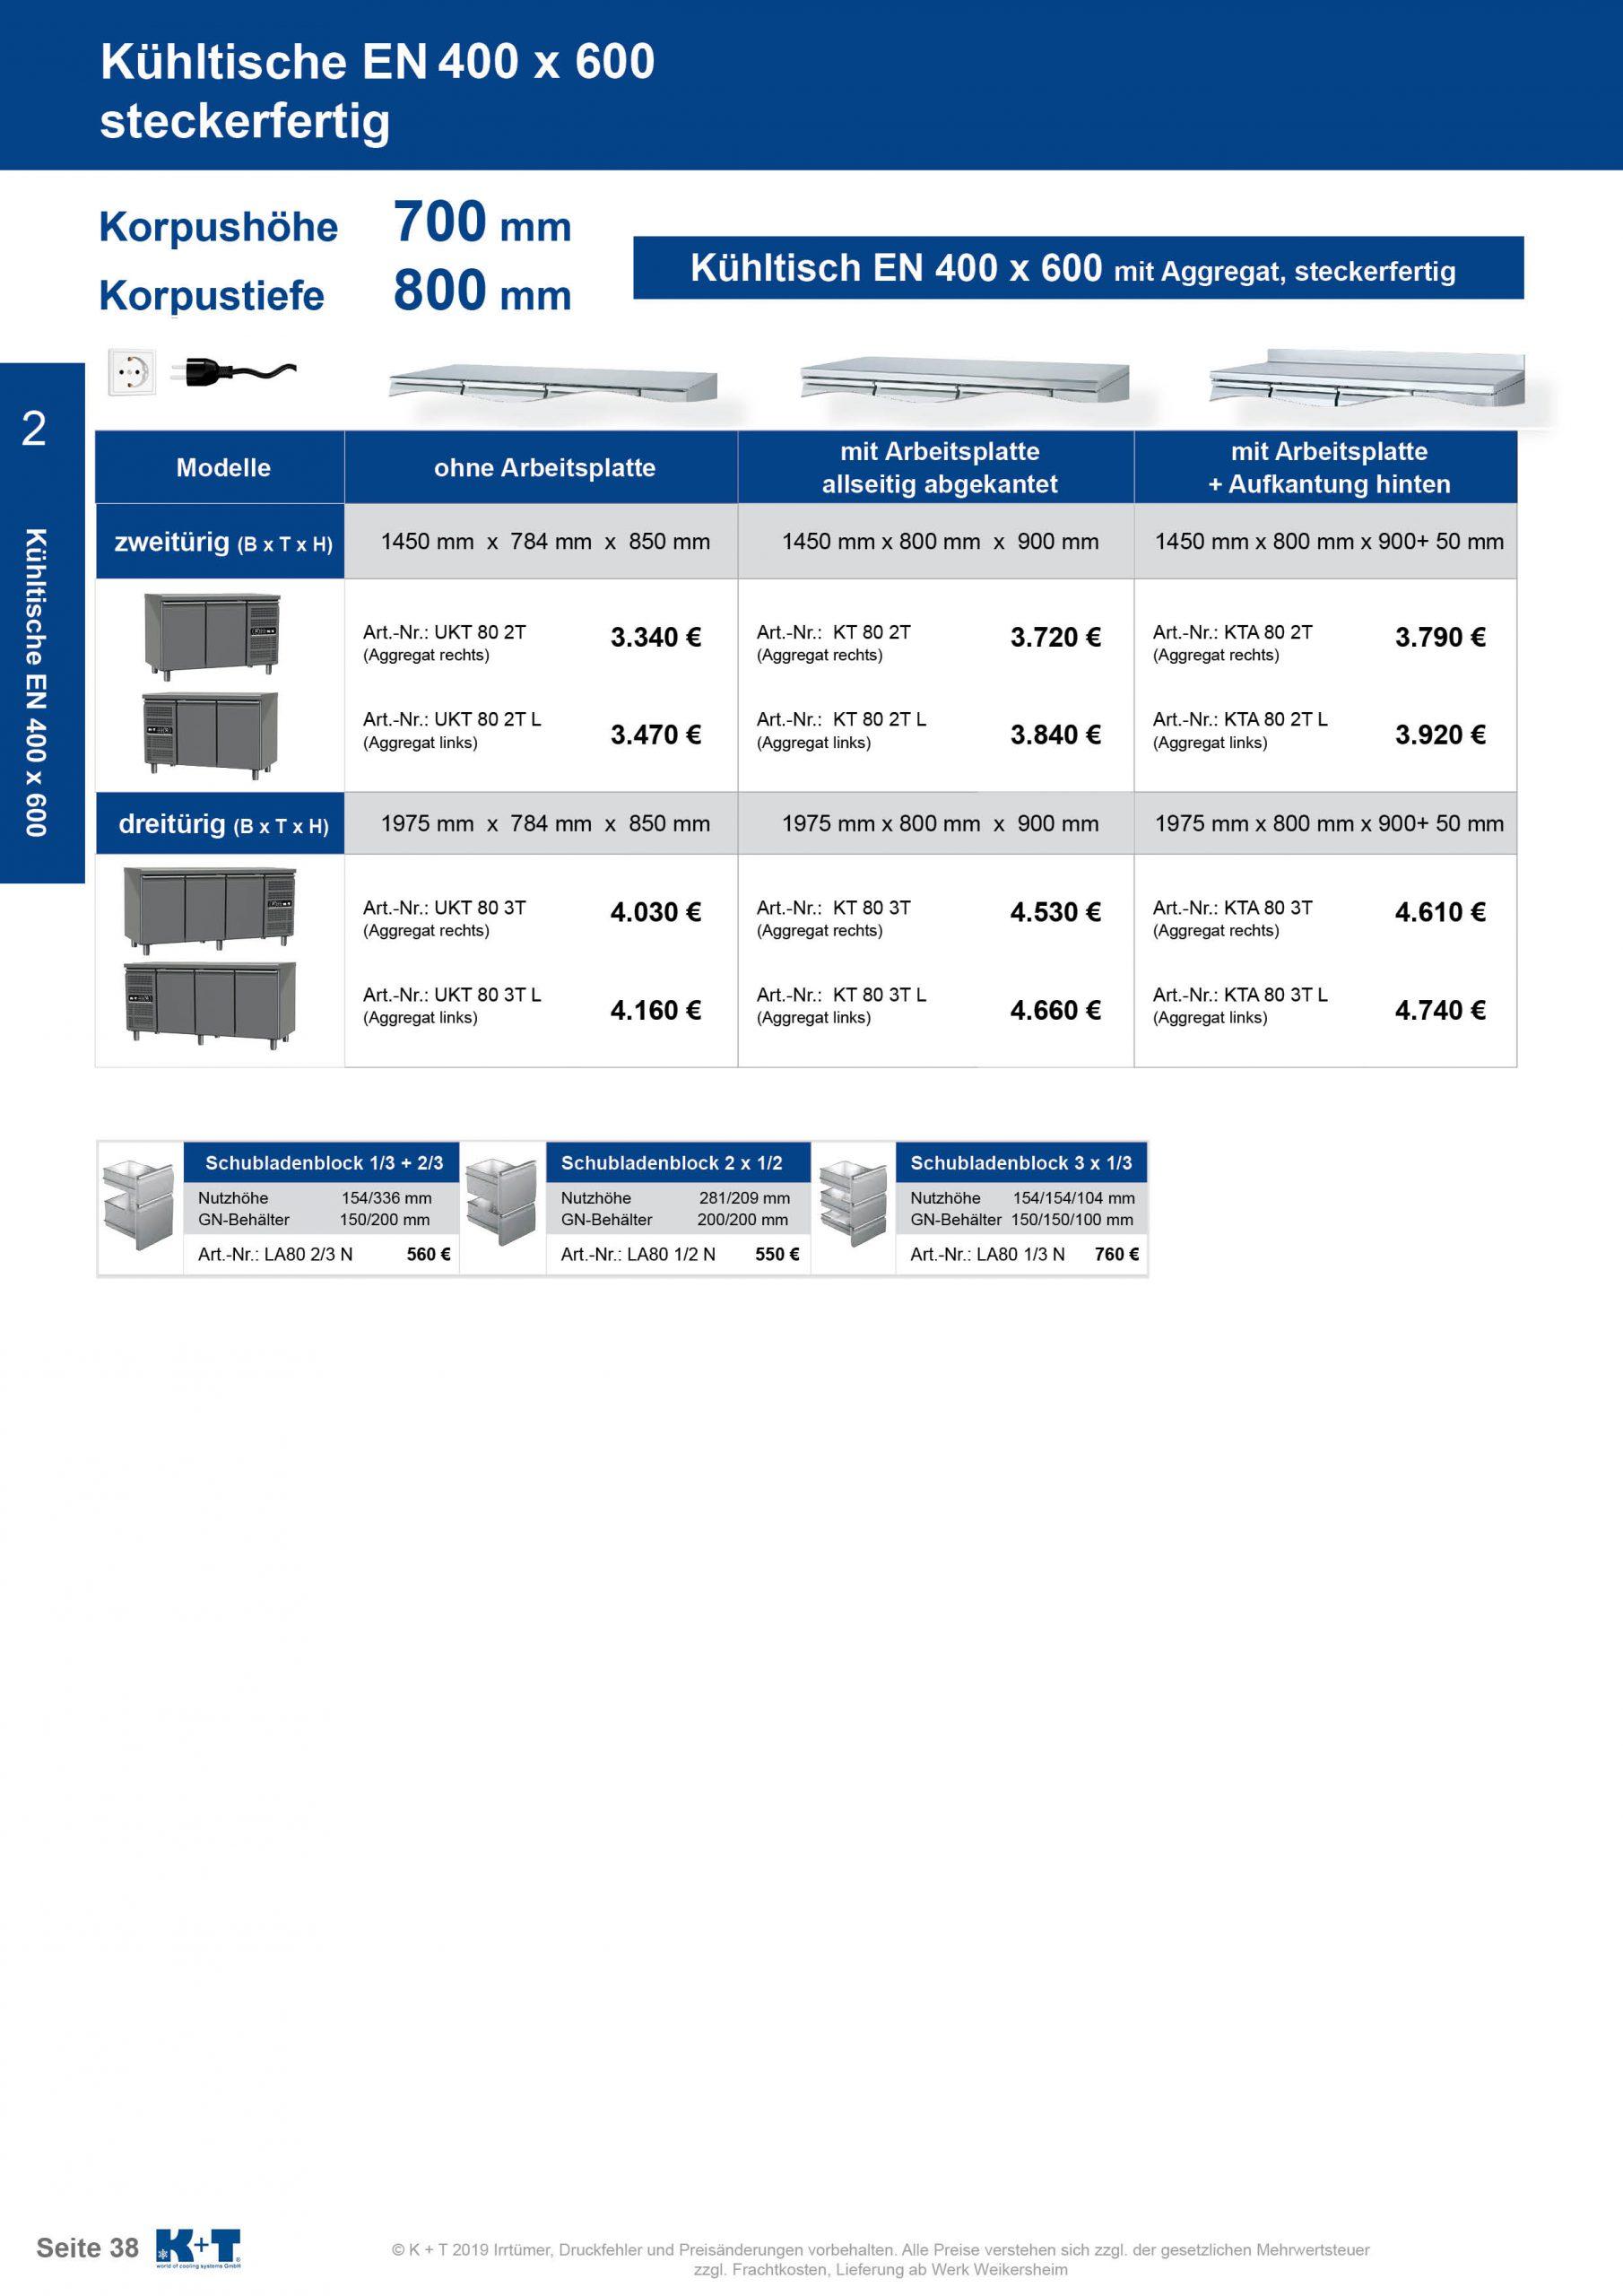 Kühltisch Euronorm 400 x 600 Korpus 700 steckerfertig 1